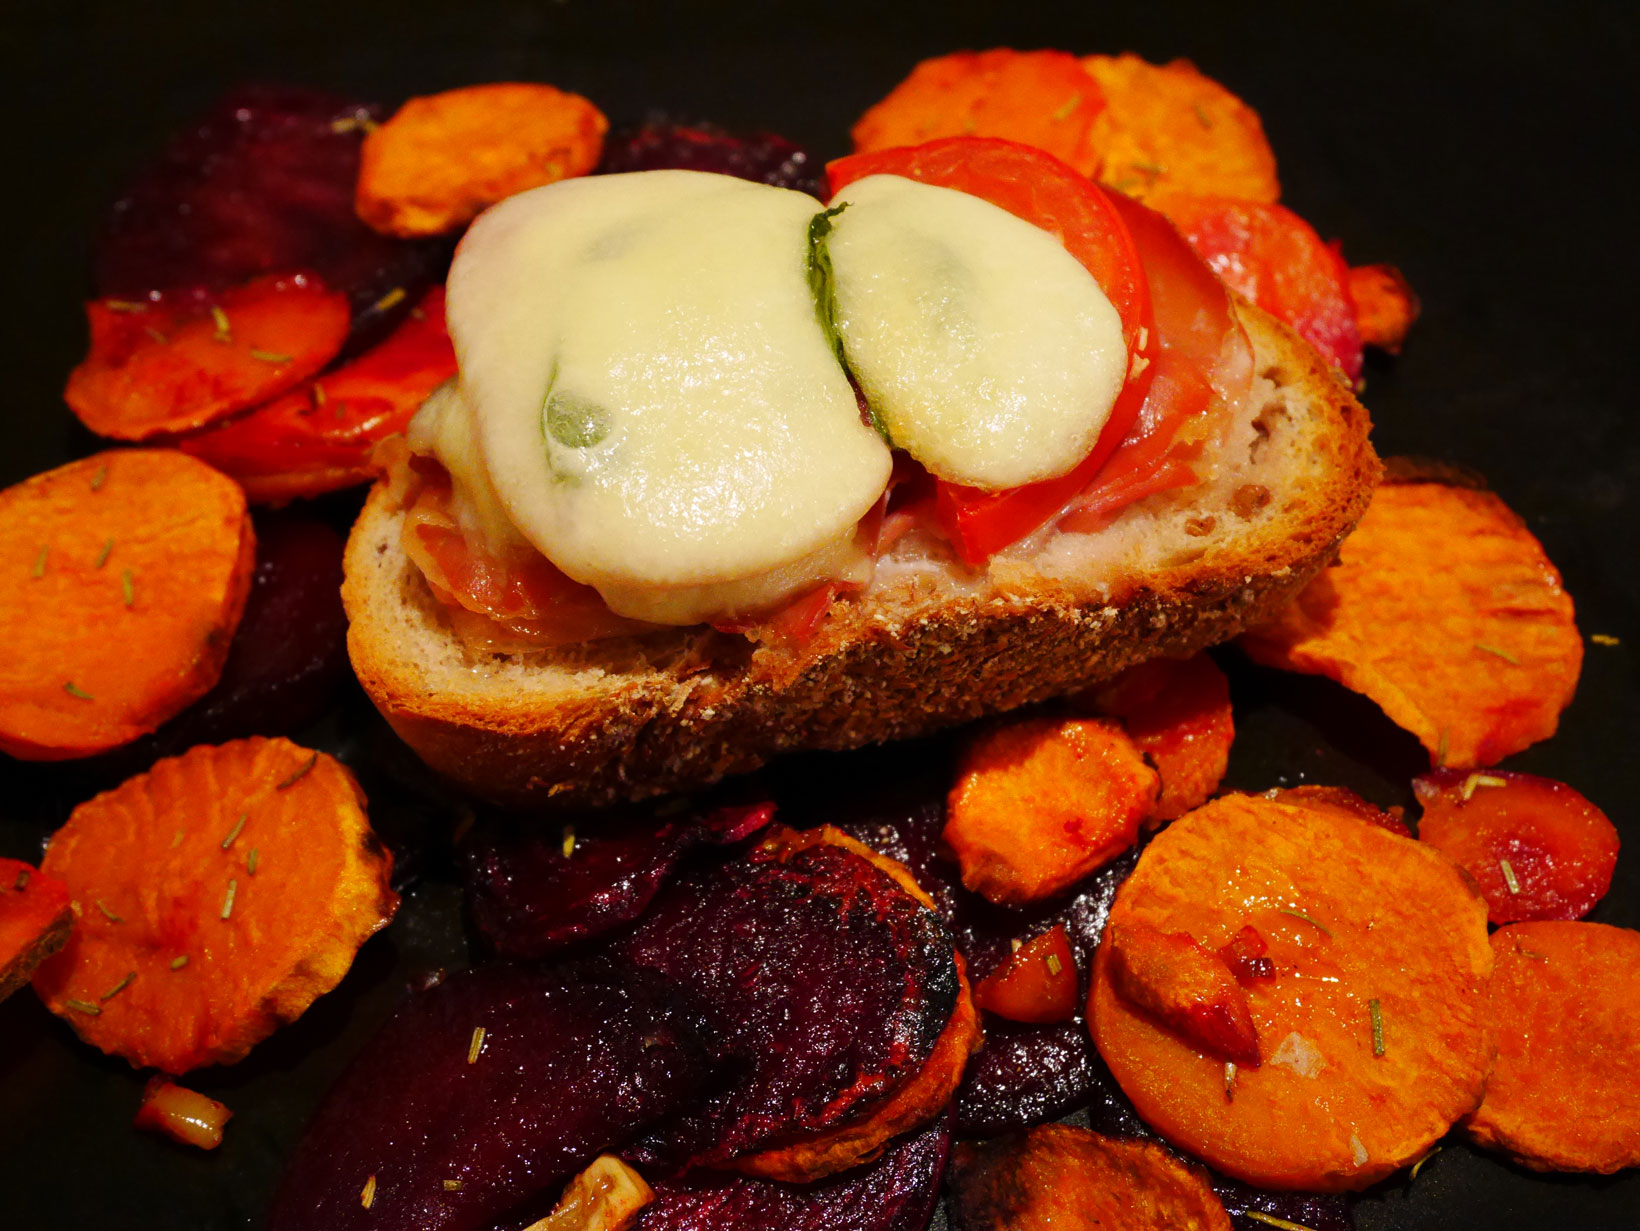 Italienska varma mackor med rotfruktschips.